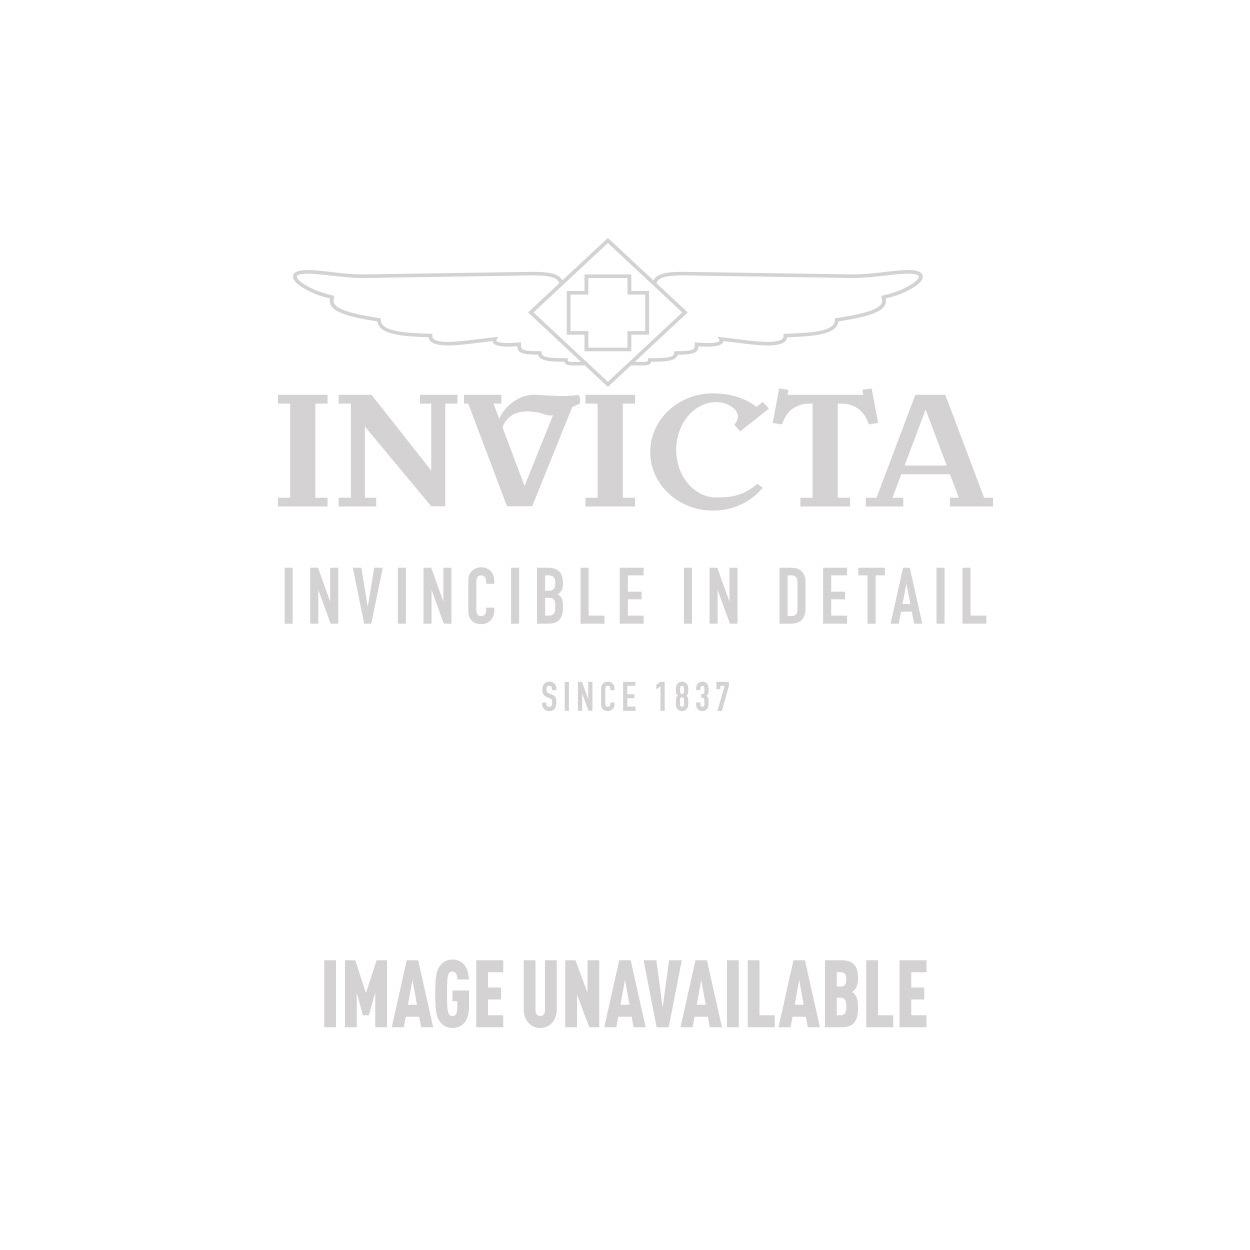 Invicta Model 28257